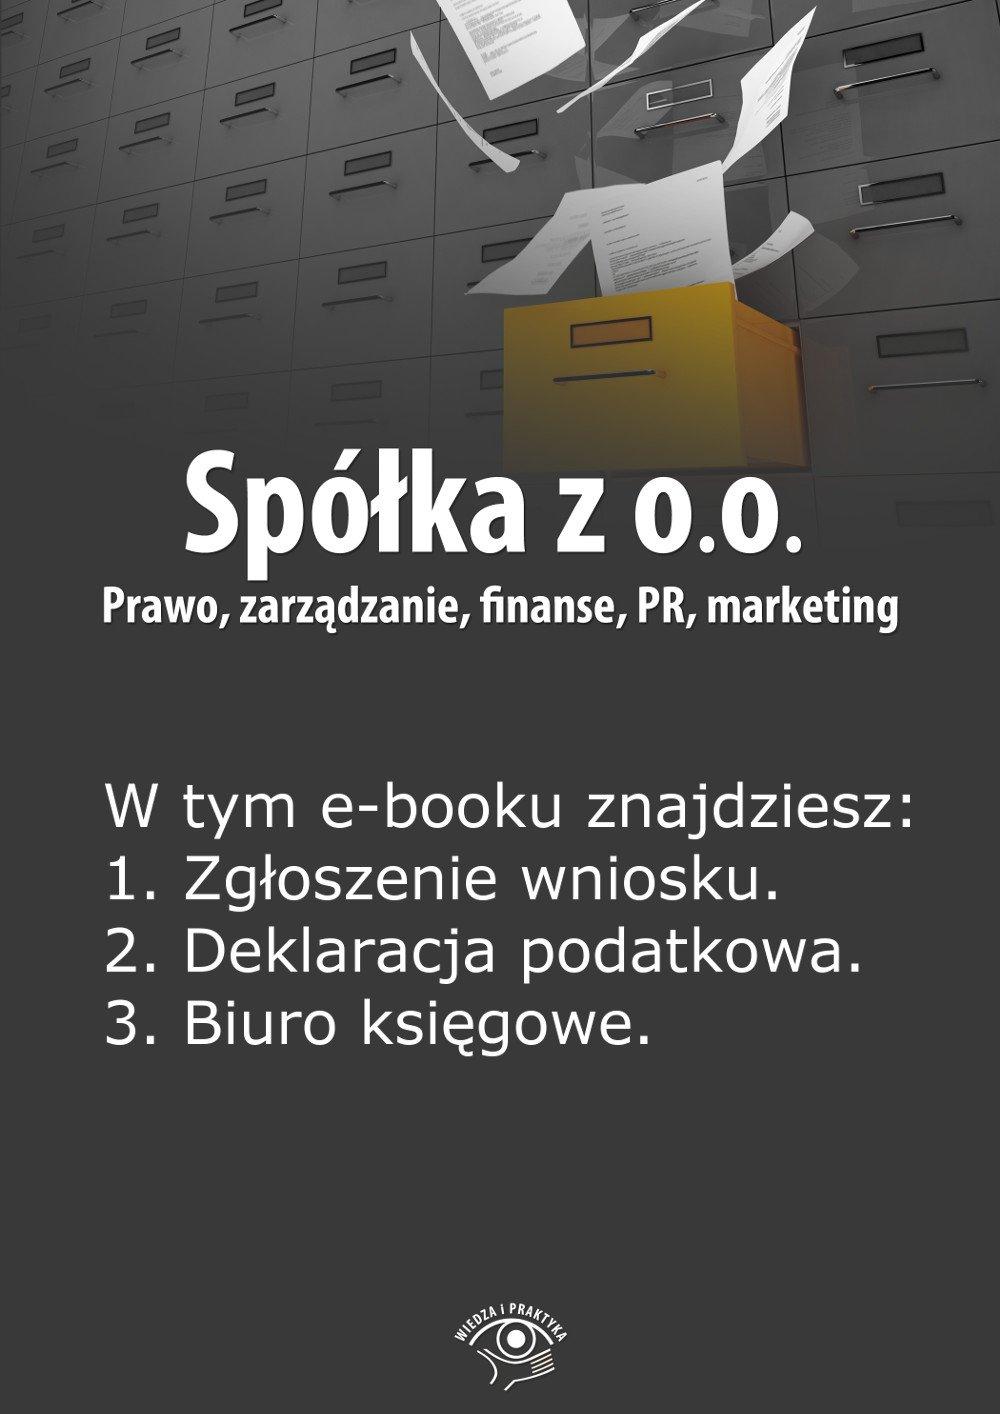 Spółka z o.o. Prawo, zarządzanie, finanse, PR, marketing. Wydanie specjalne lipiec-wrzesień 2014 r. - Ebook (Książka PDF) do pobrania w formacie PDF